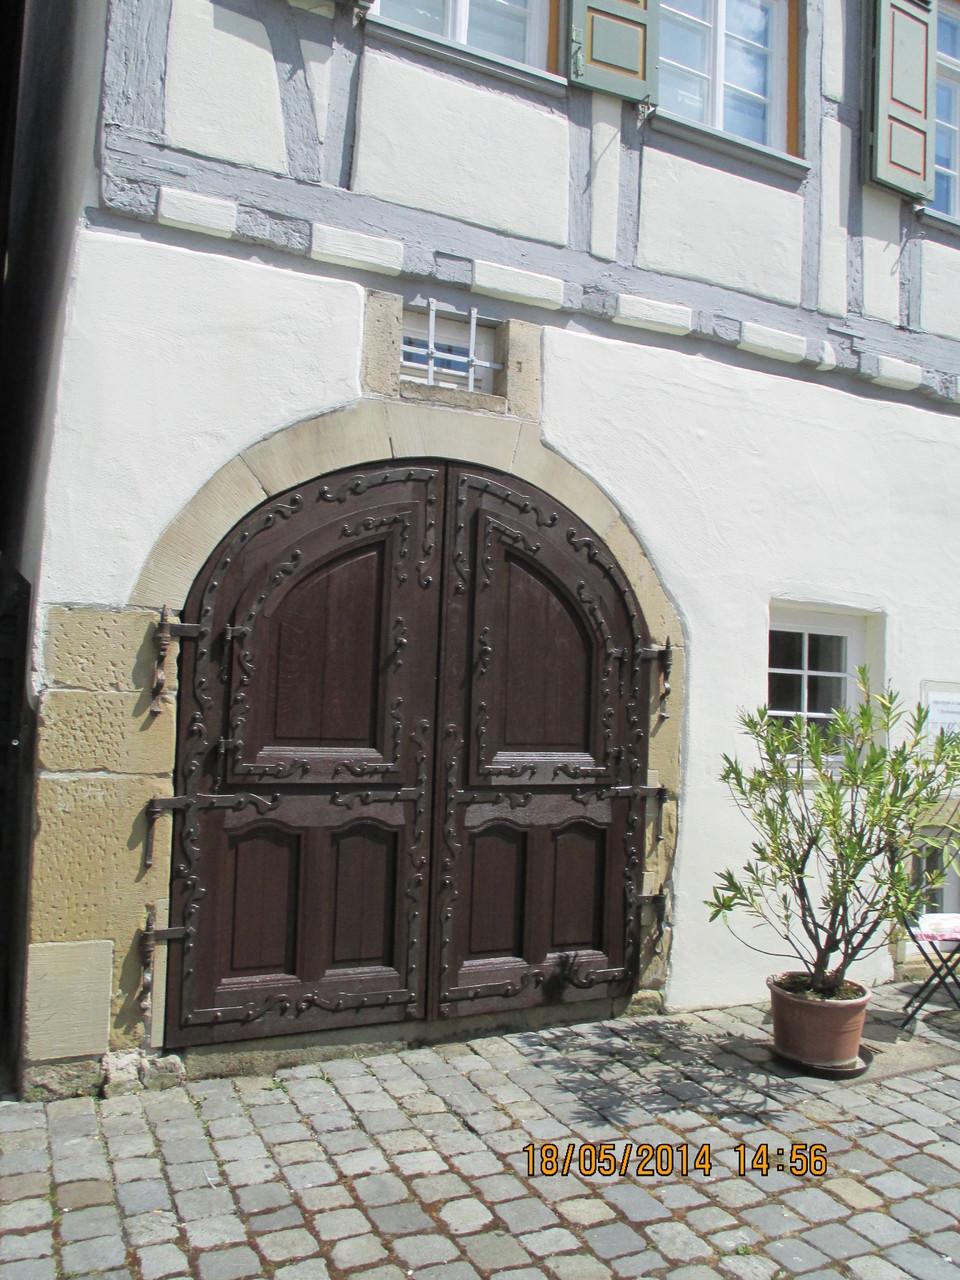 Die Türe ist ins Schloss gefallen